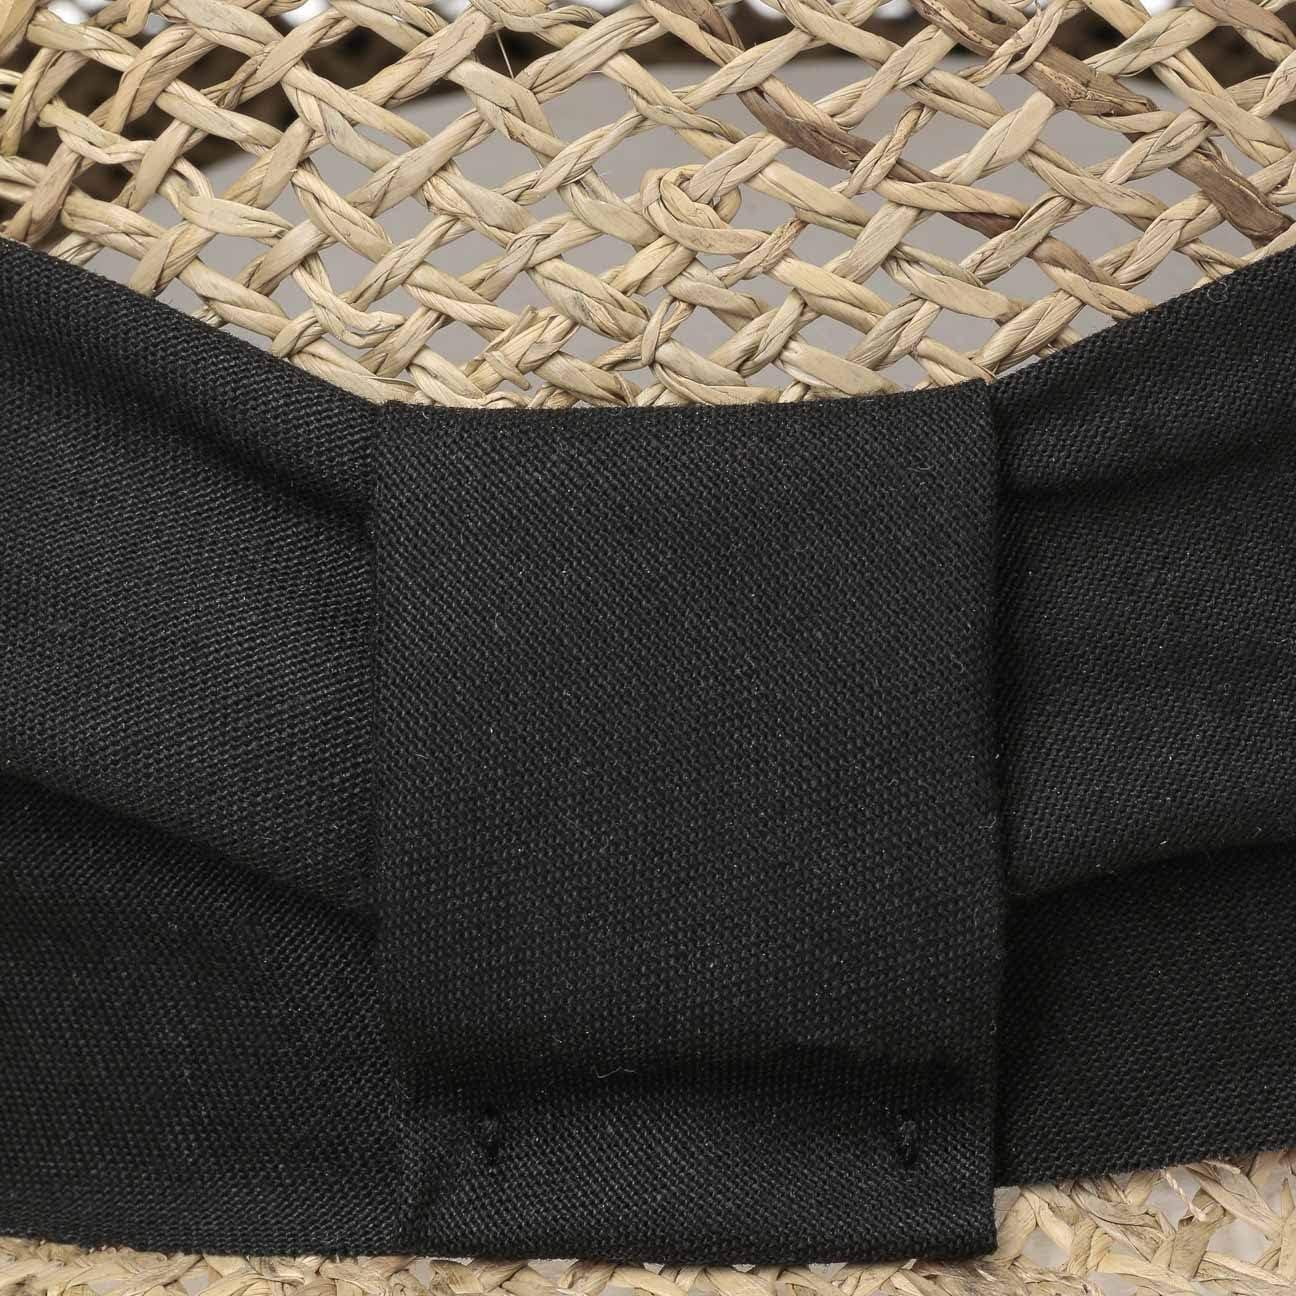 Made in Italy mit Schirm Fr/ühling-Sommer Lipodo Breezy Strohcap Damencap Strandcap Sonnencap Sonnenvisor Visor Damen